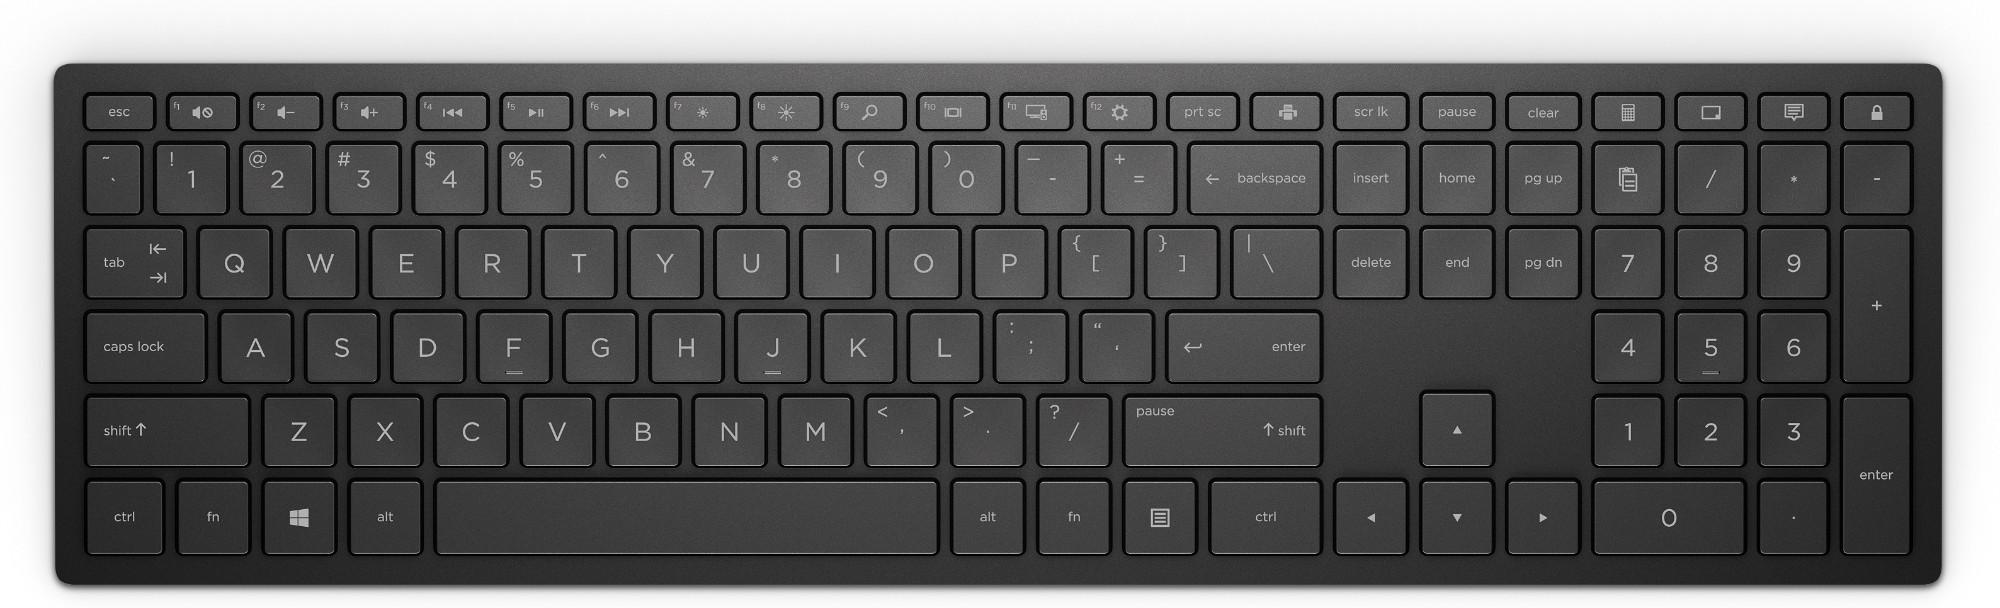 Pavilion Wireless Keyboard 600 Black - Qwerty UK